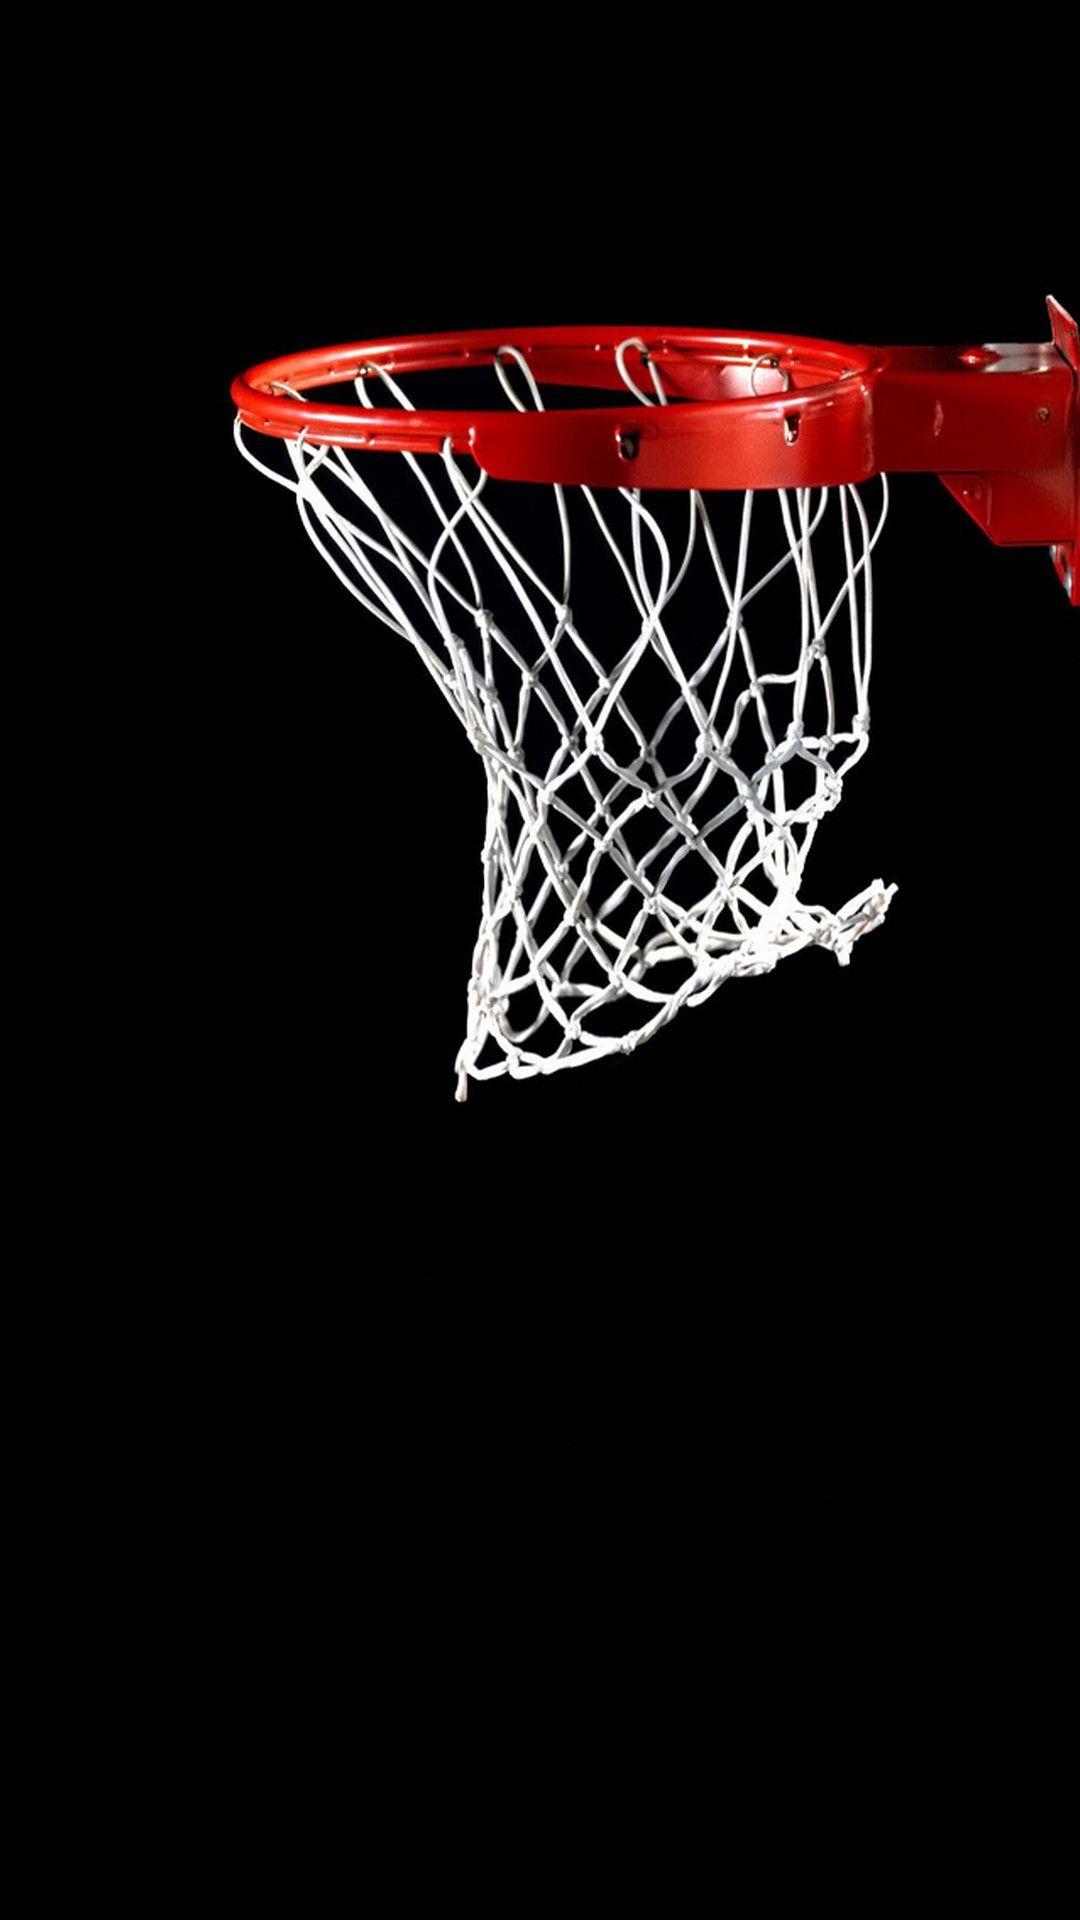 NBA HD Wallpapers For Mobile Nba basketball hoop Basketball 1080x1920